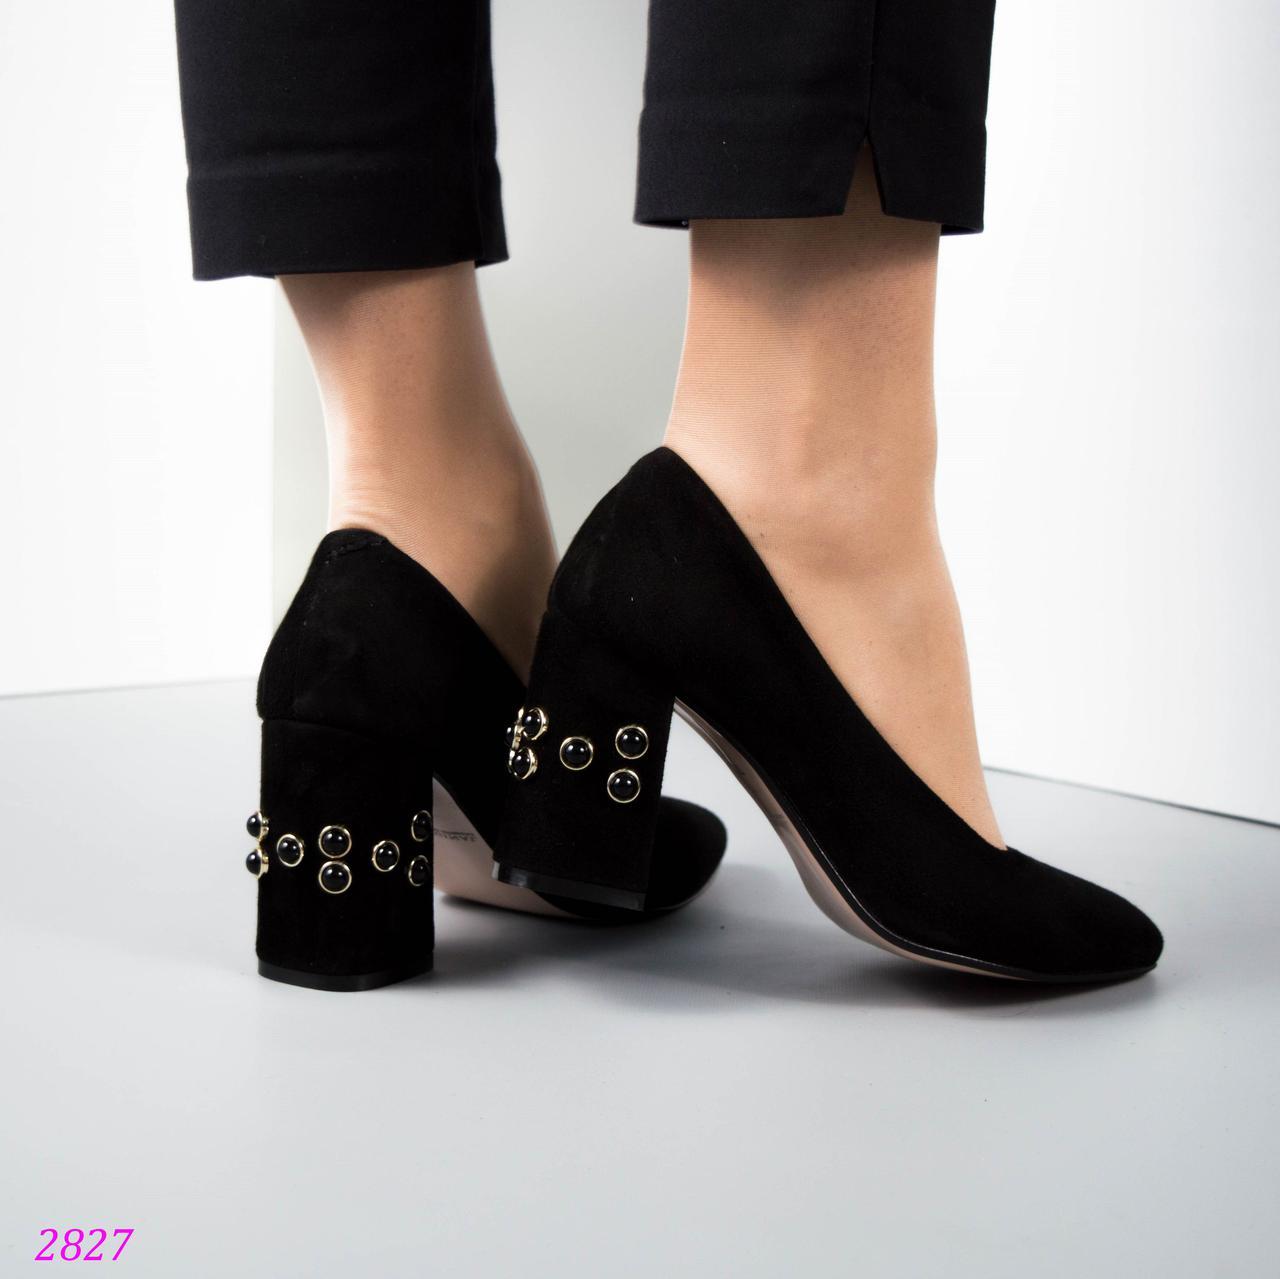 ae244690295 Черные Женские туфли с жемчугом на удобном каблуке СЕРЫЕ натуральная замша  Италия